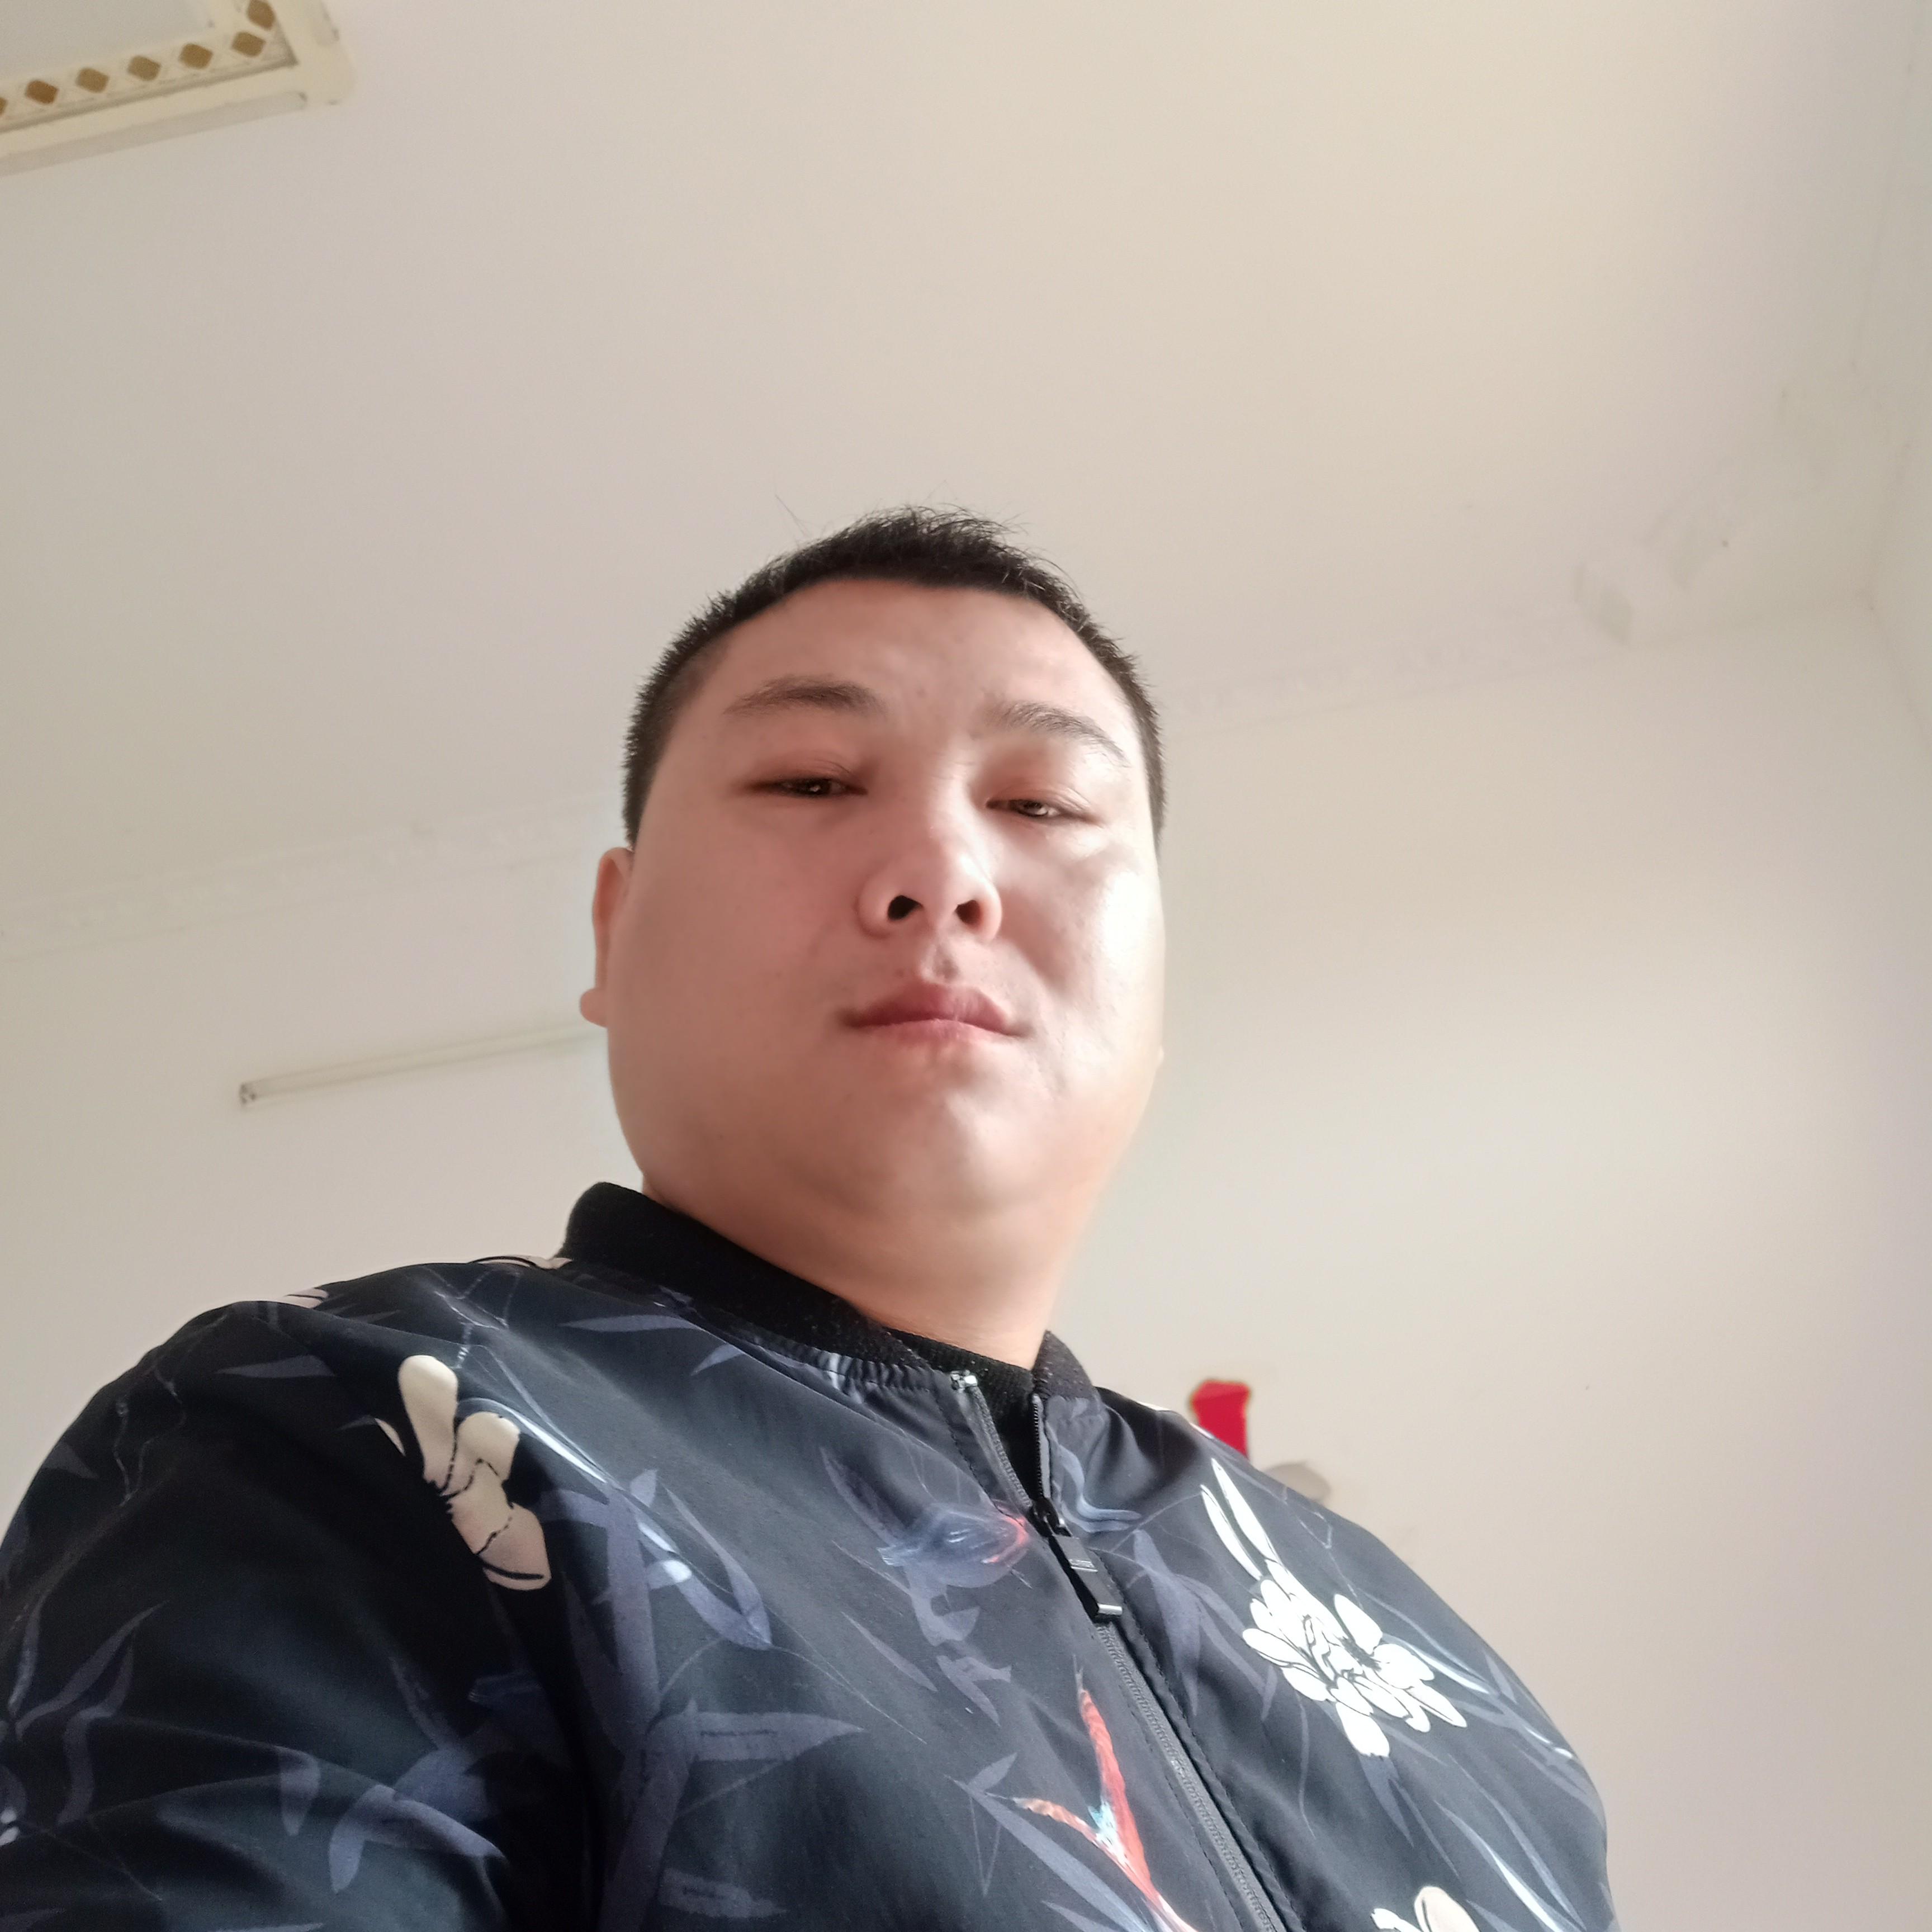 兵哥 哥的照片